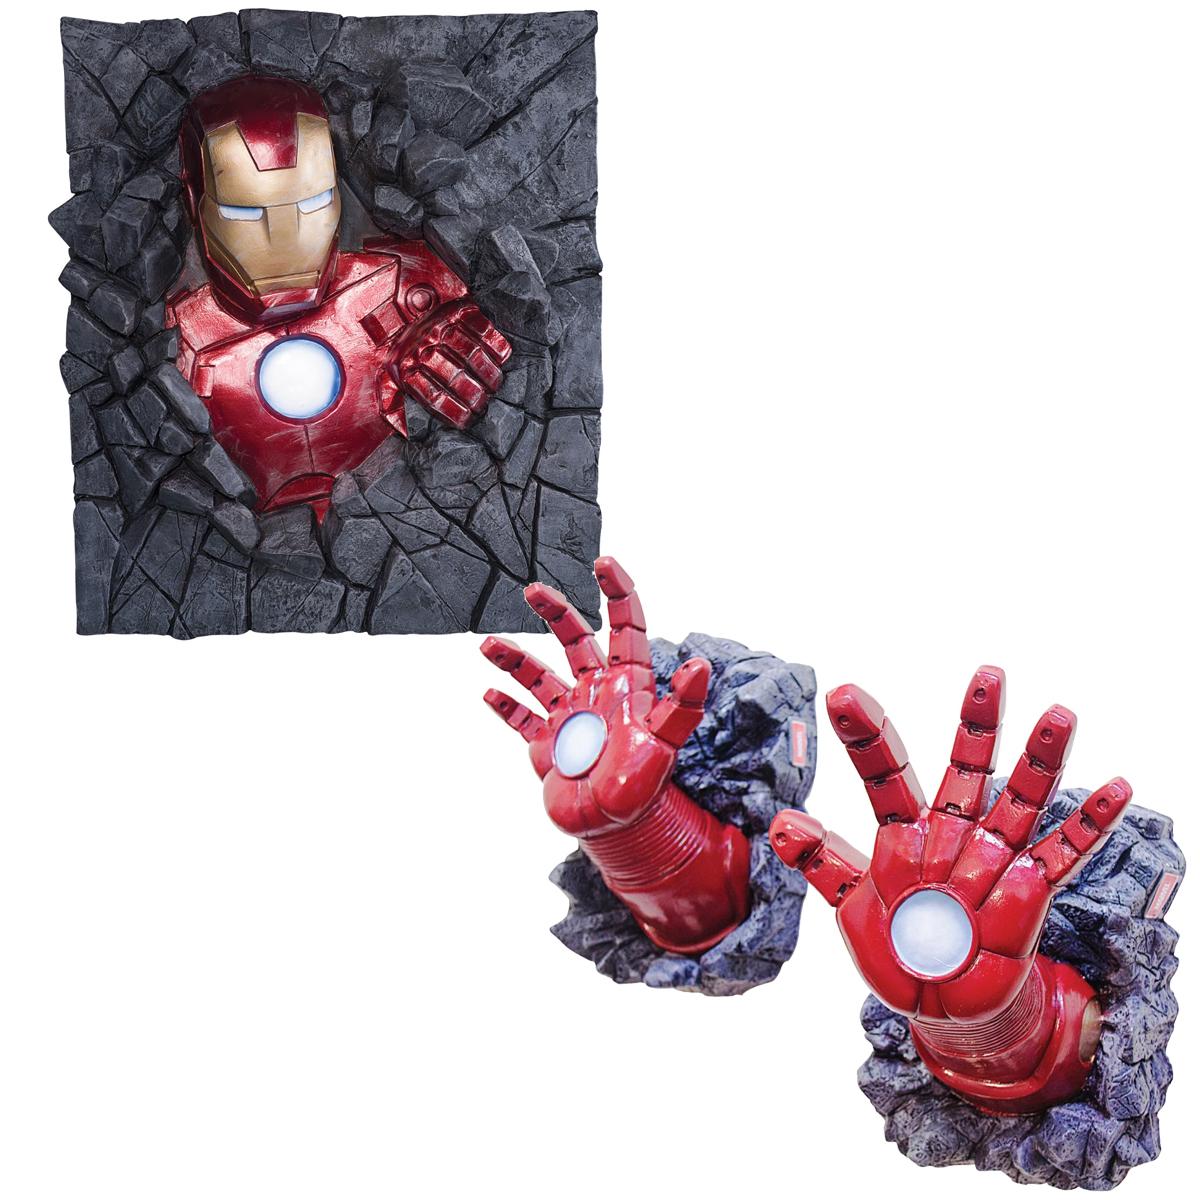 アイアンマン グッズ 立体 3D 壁 飾り 装飾 ウォールデコレーション アベンジャーズ キャラクター アメコミ 海外 コミック インテリア ホビー おもちゃ